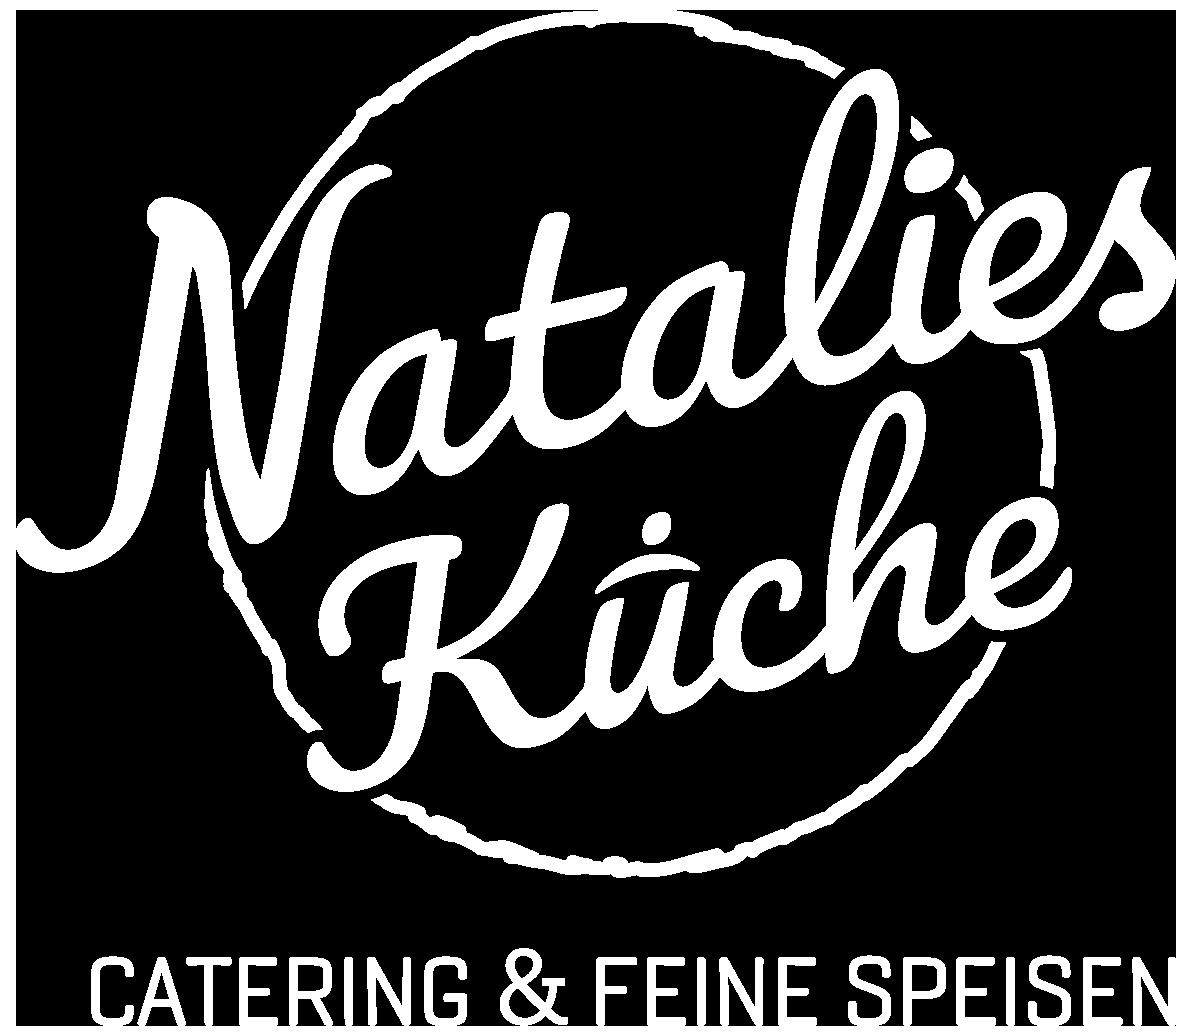 Natalies Küche - Catering & feine Speisen